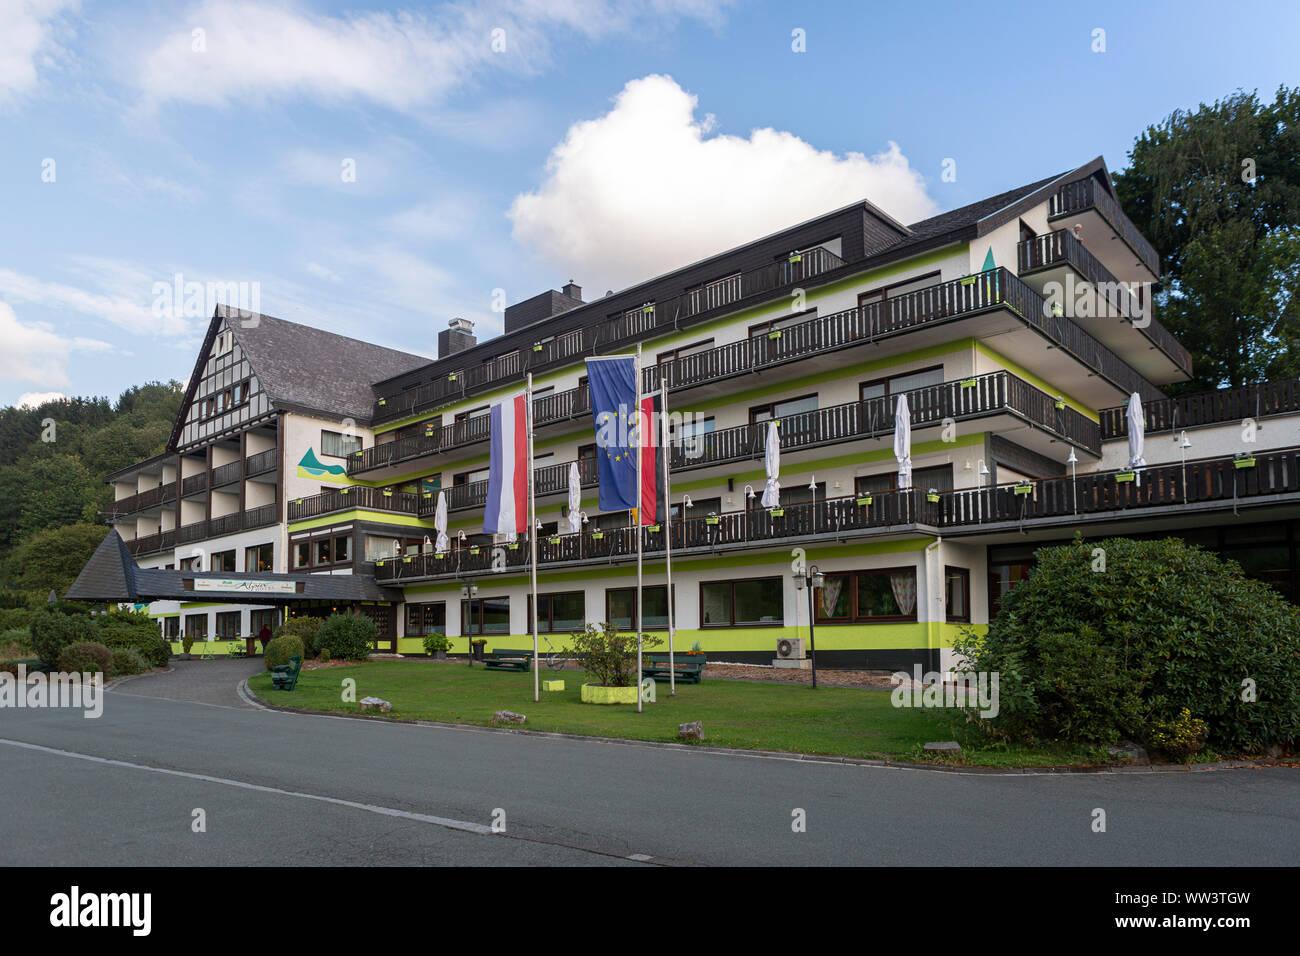 Das Alpin Hotel im Wellness und Ski Village von Grafschaft im Sauerland in der Nähe von Winterberg vor einem blauen Himmel mit Wolken Stockfoto